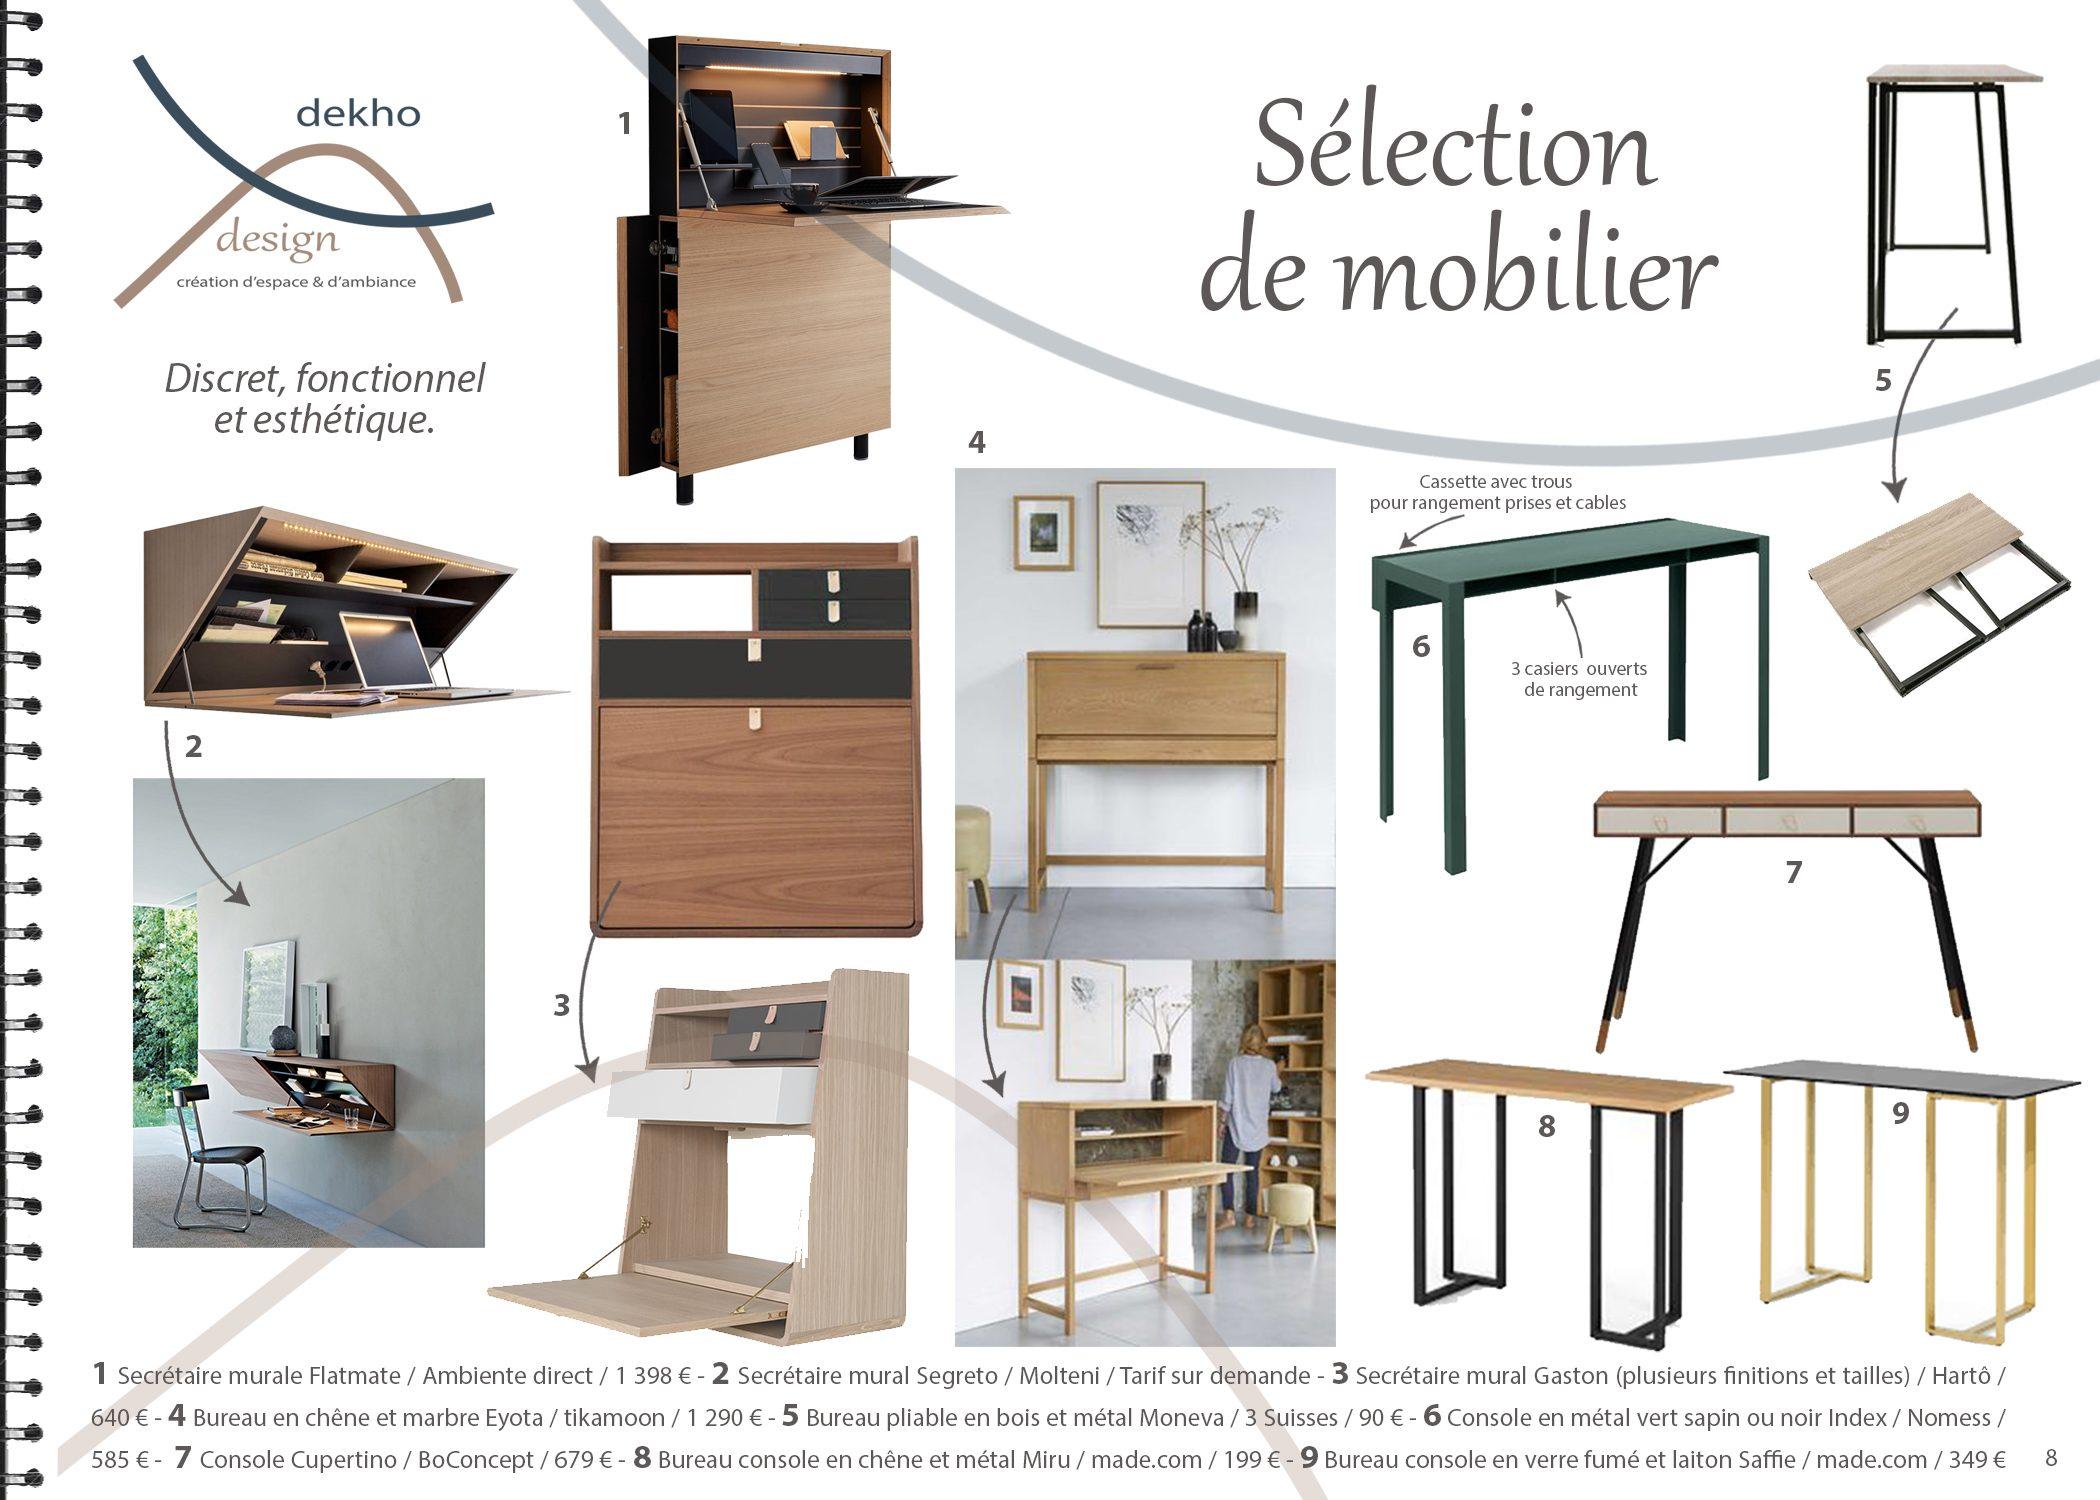 carnet d'intérieur-coin bureau-sélection mobilier-conseils-dekho design